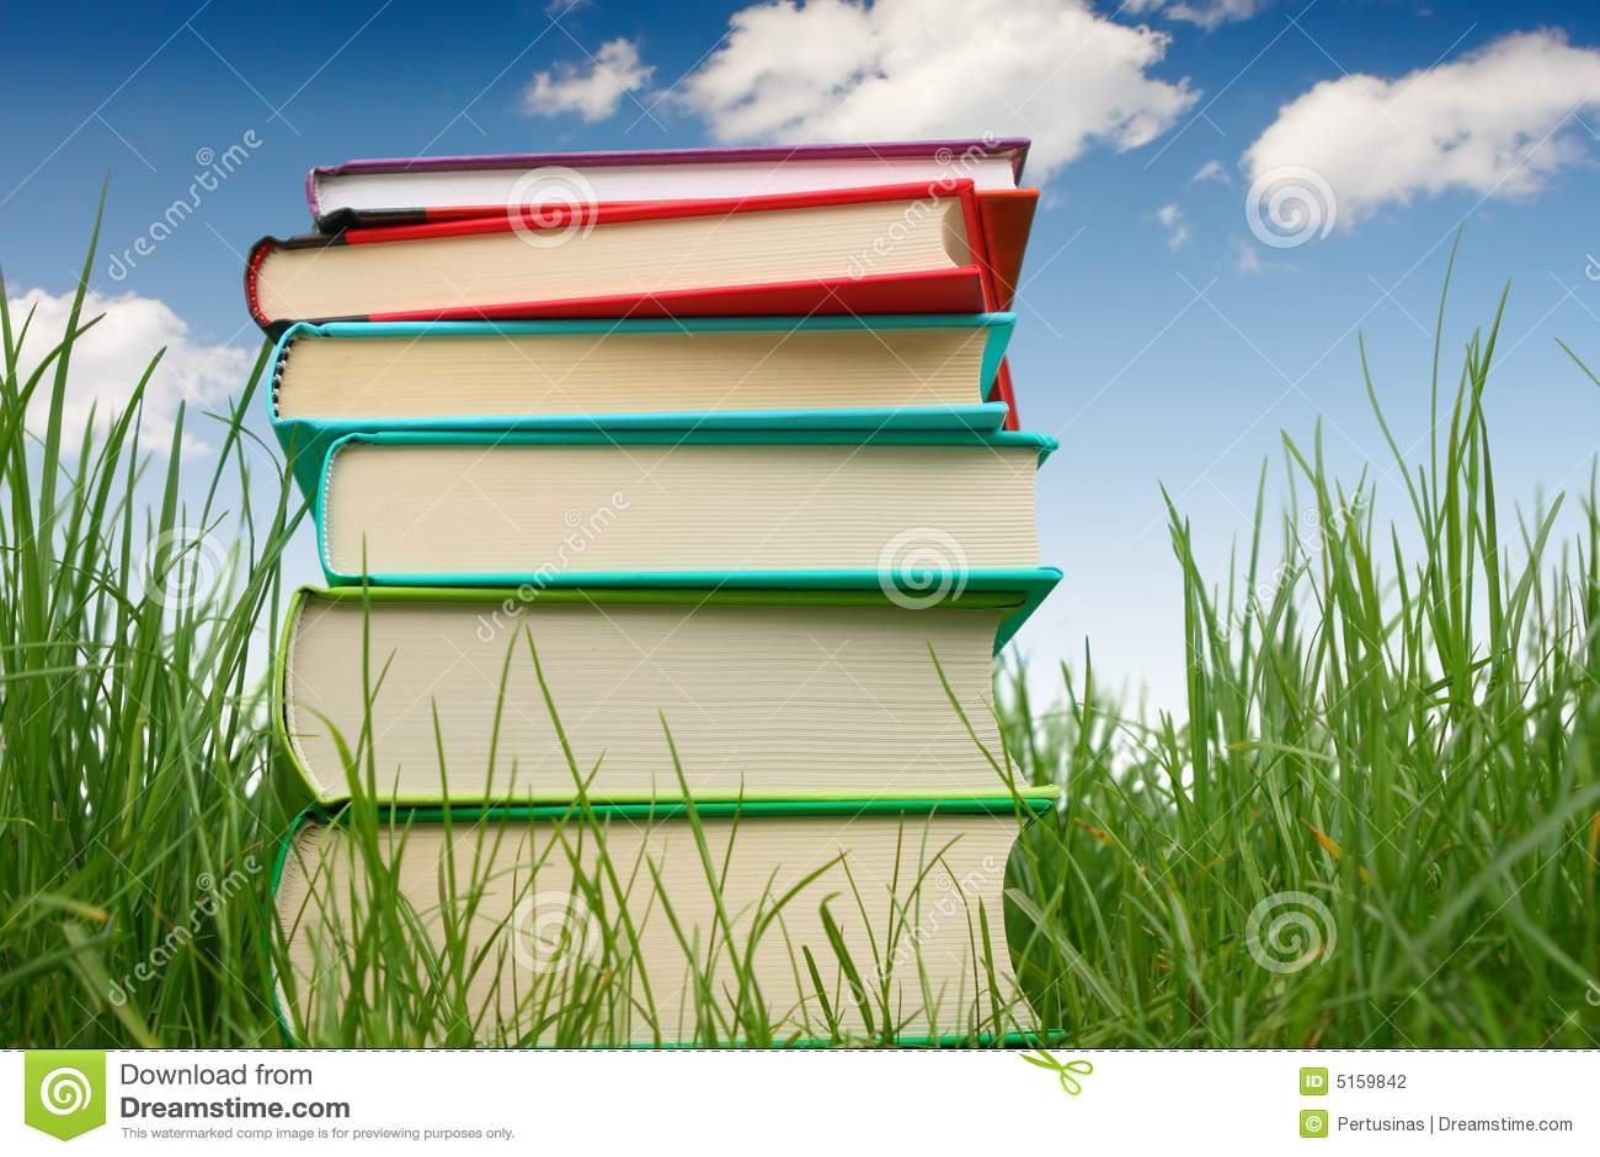 Bücher auf dem Gras